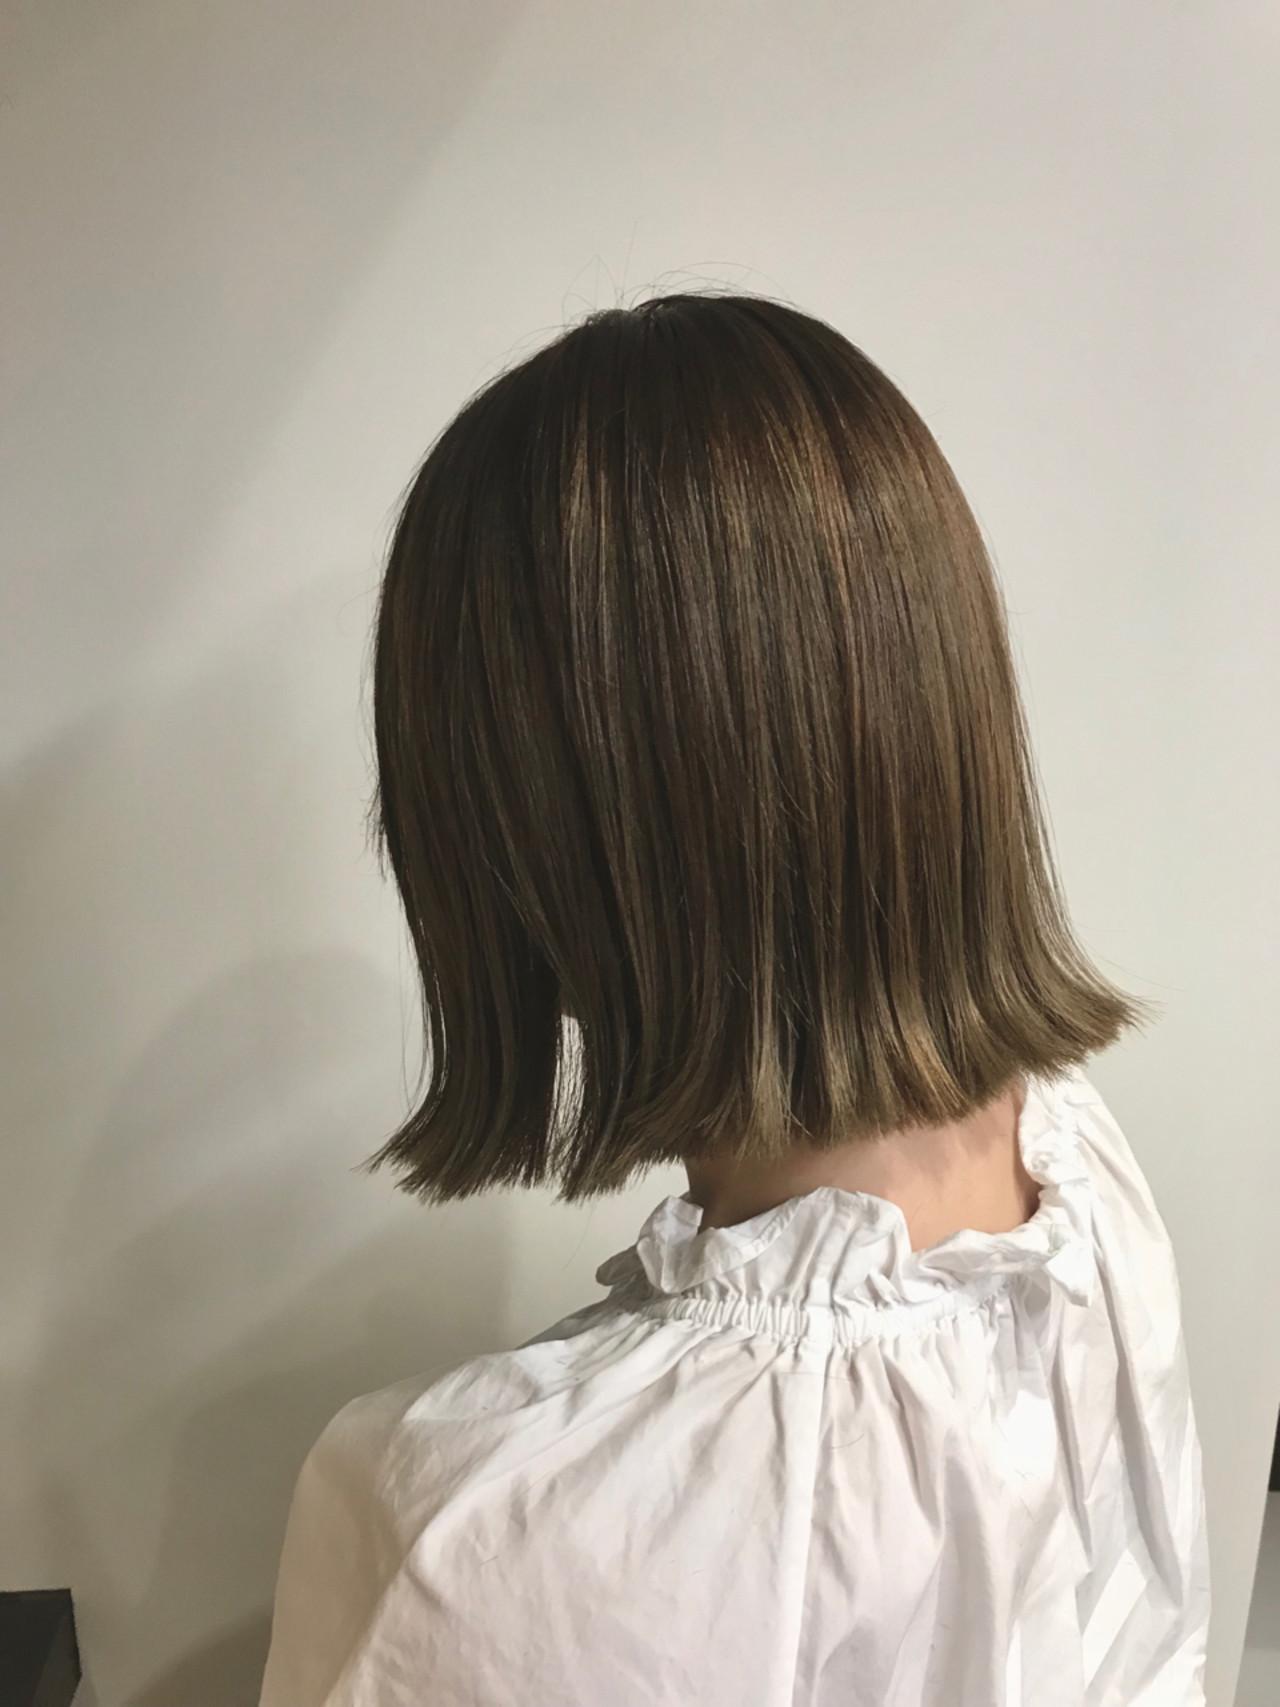 バレイヤージュ 色気 ベージュ ブラントカット ヘアスタイルや髪型の写真・画像   松村卓人 / OWL hair